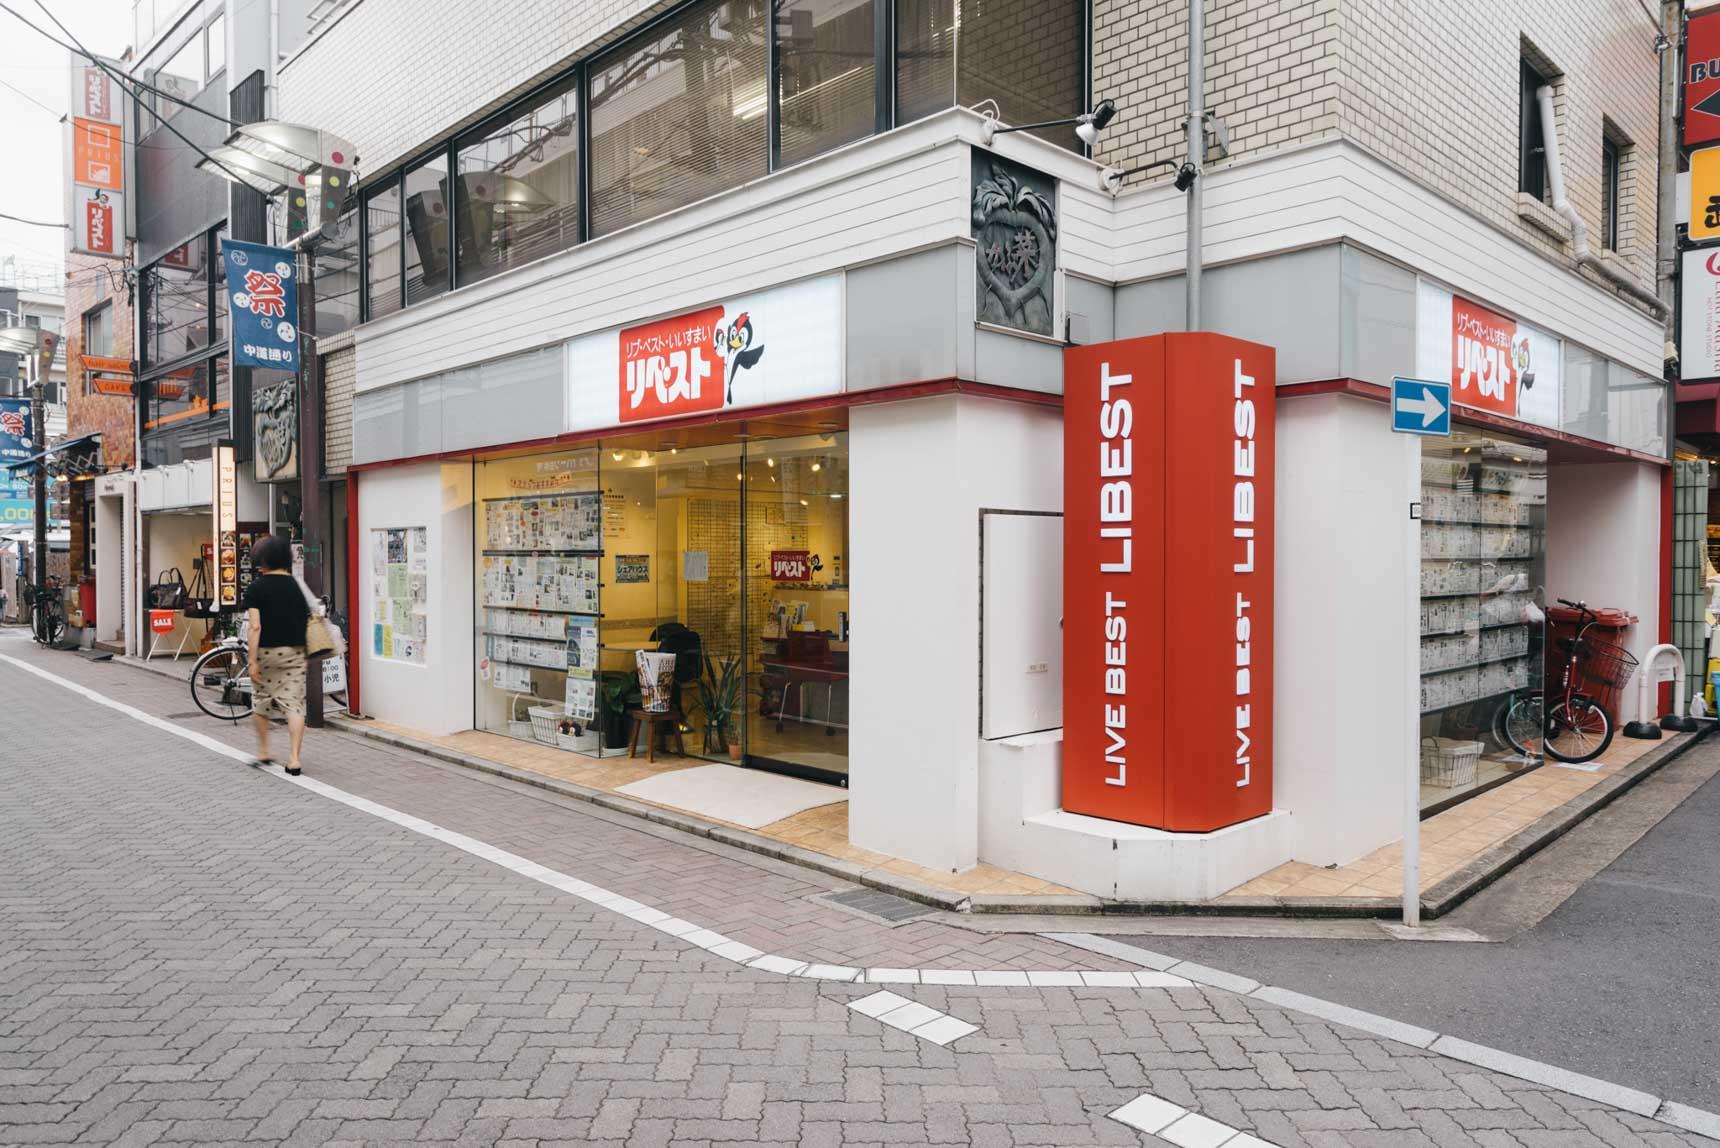 今年で創業48年を迎える、株式会社リベスト。赤い看板とキャラクターの「ペッキーちゃん」が目印。吉祥寺だけで3店舗、他に三鷹、武蔵境、久我山など近隣エリアの不動産を管理・仲介しています。